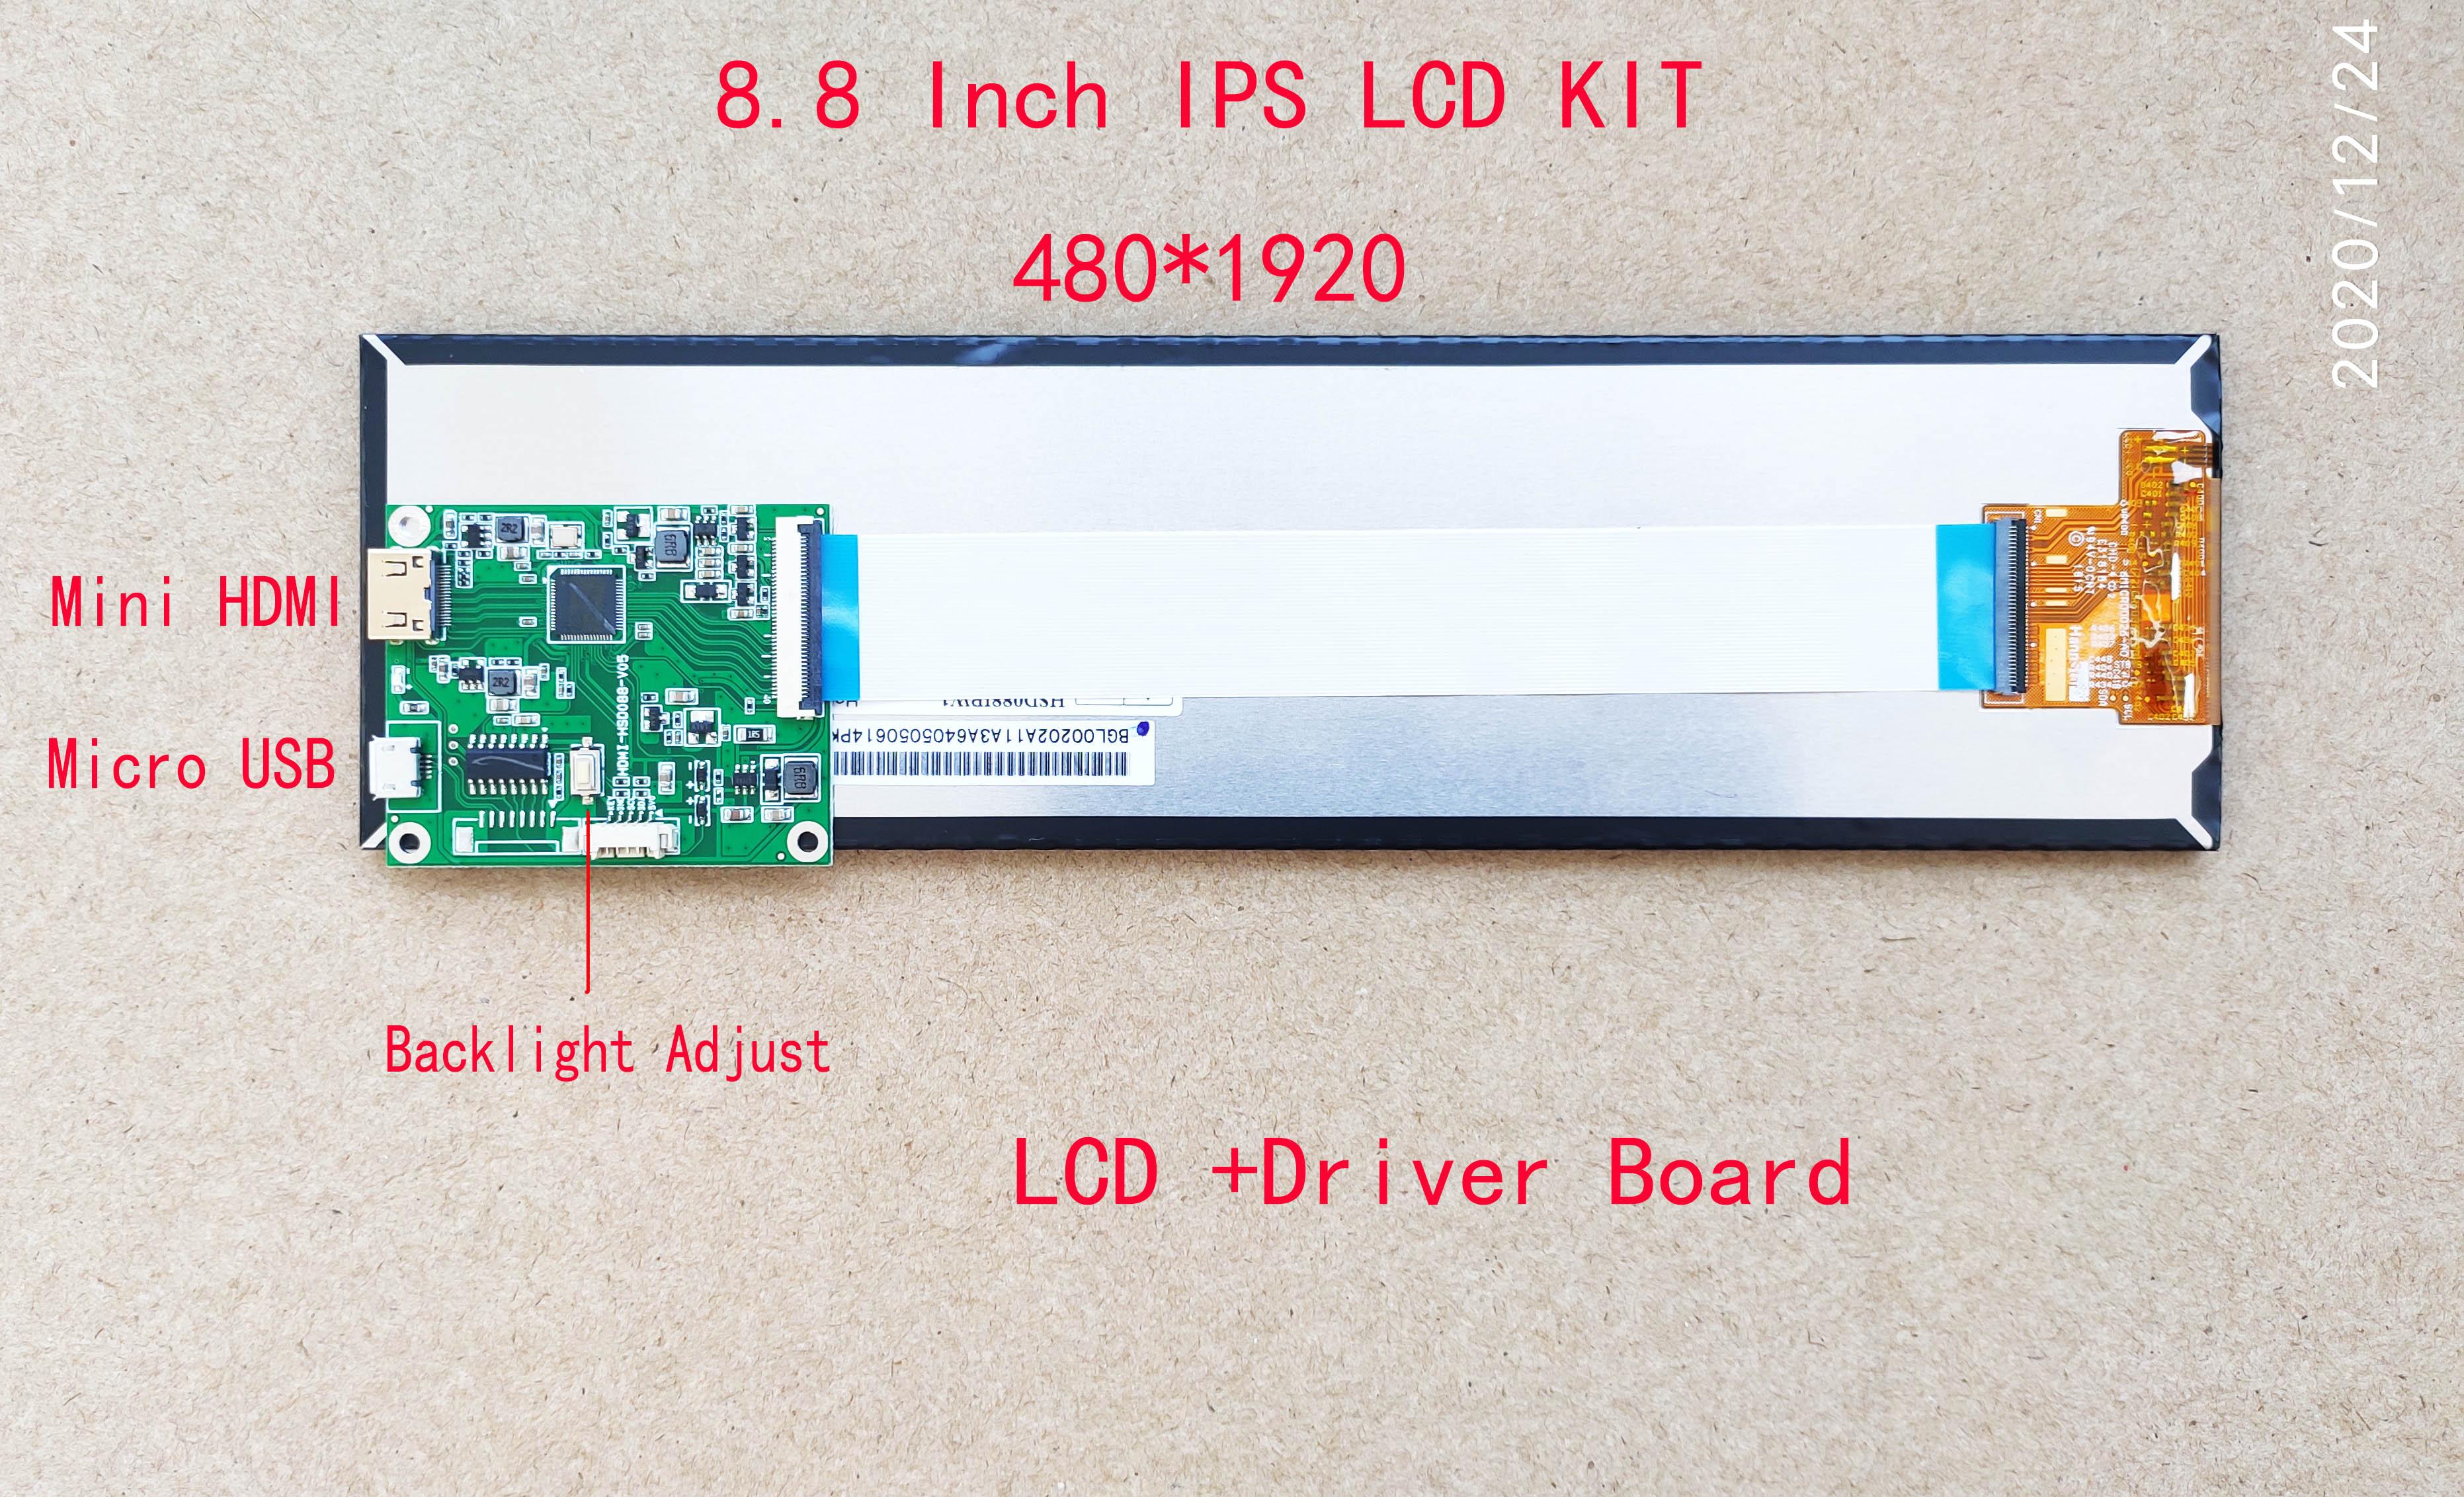 8.8 polegada ips longa faixa de exibição esticada barra hdmi para mipi aida64 monitor usb 5v potência segundo display magro 1920*480 caso